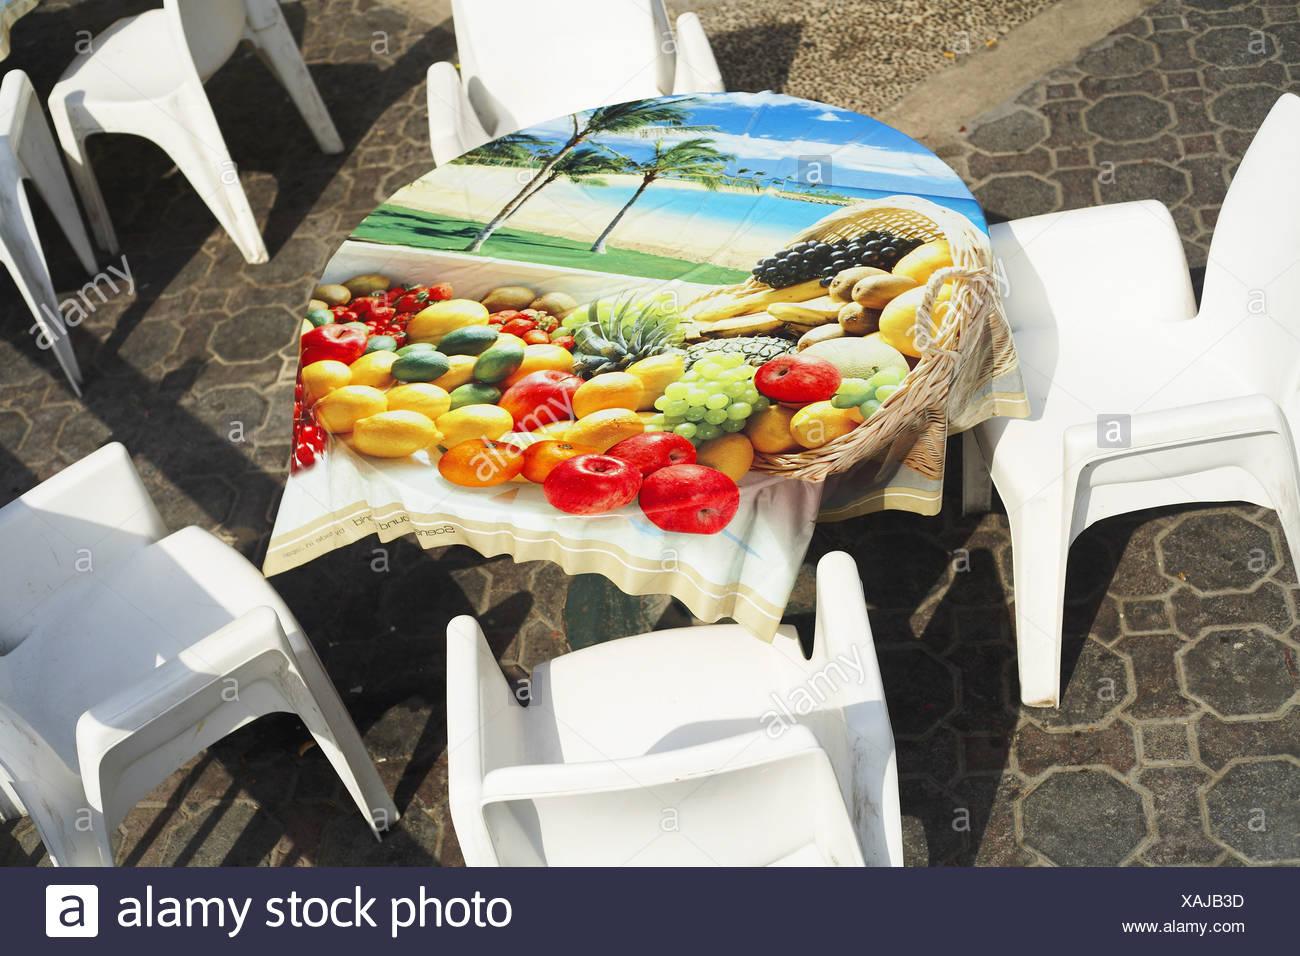 Terrasse Stühle Tisch Tischdecke Impressum Palmenstrand Obstkorb